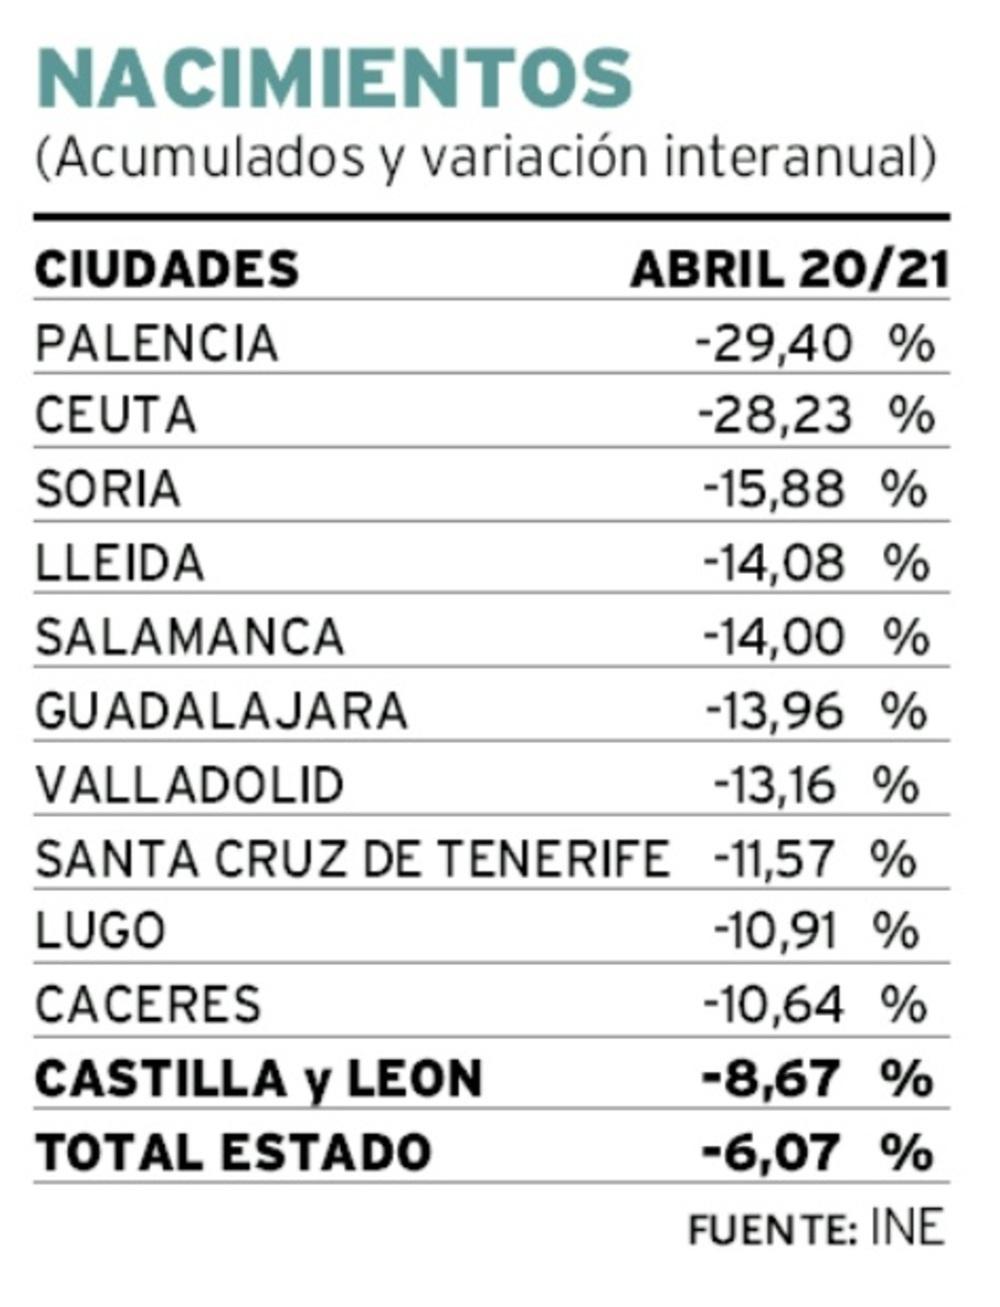 Palencia lidera a nivel nacional el desplome de nacimientos